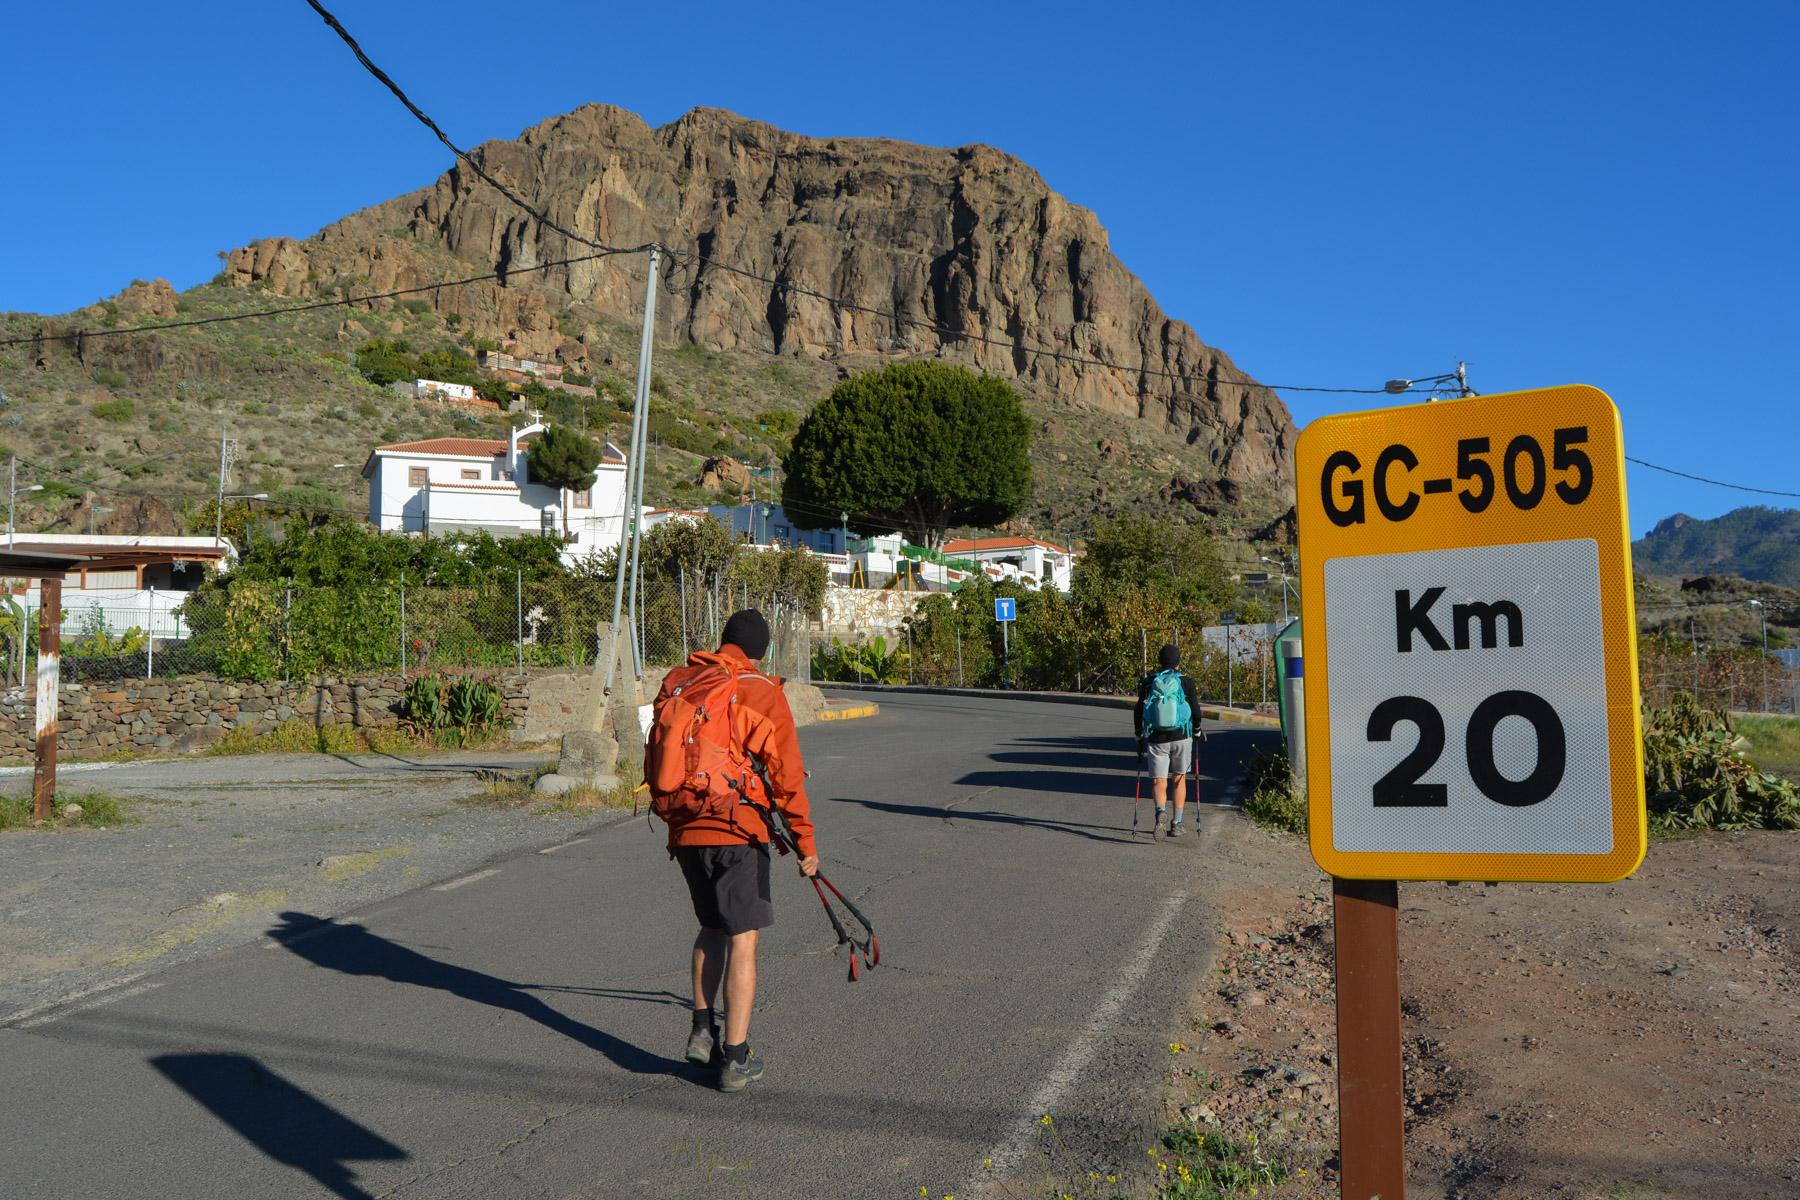 Montaña de Tauro, Gran Canaria, Espagne 5